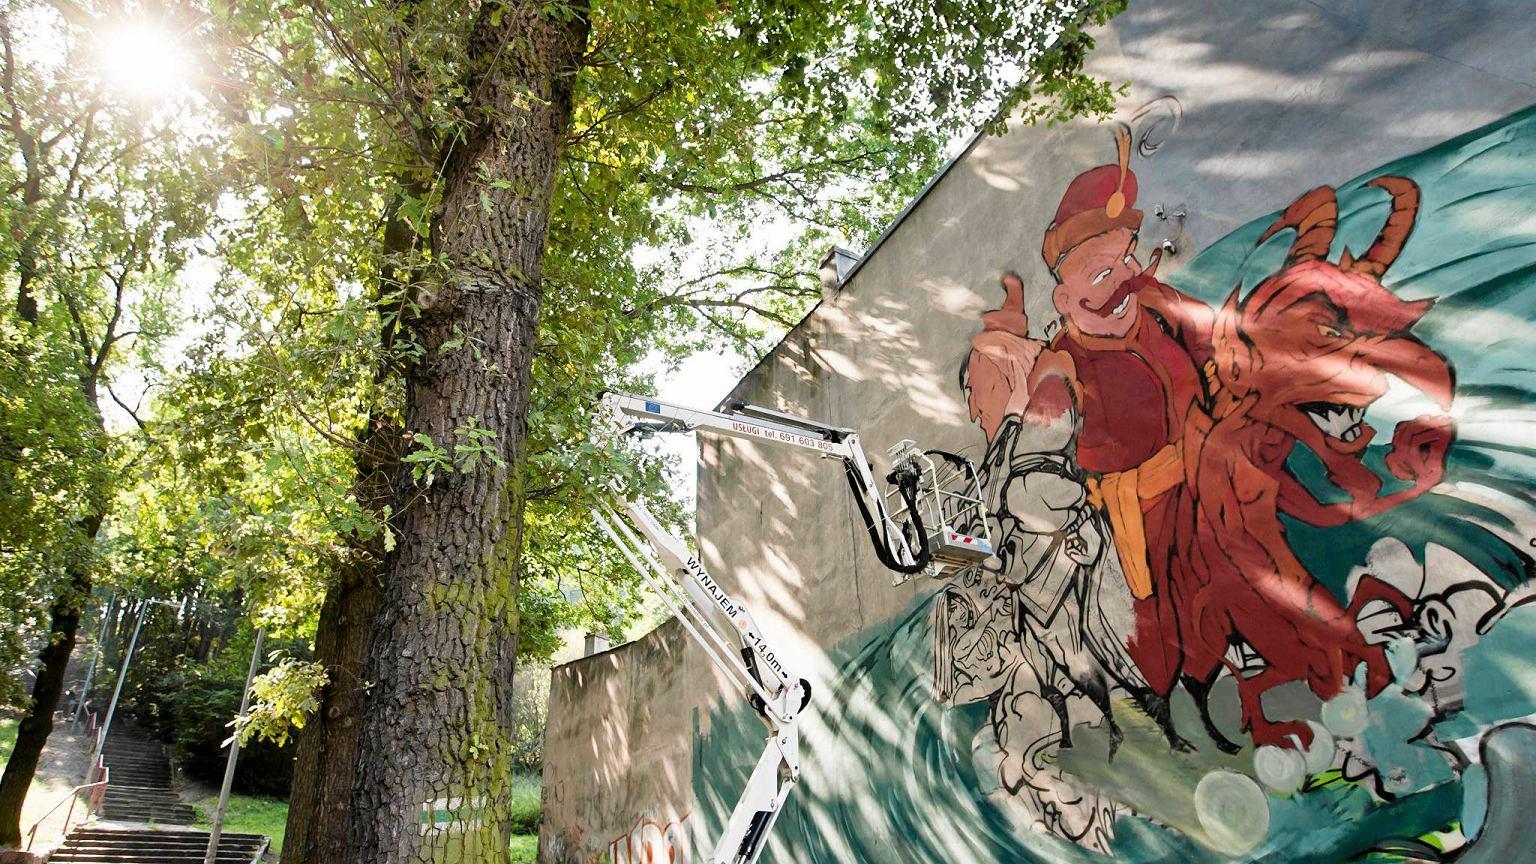 Nowy mural przy ul toru skiej wci ga bydgoskimi legendami for Mural z papiezem franciszkiem